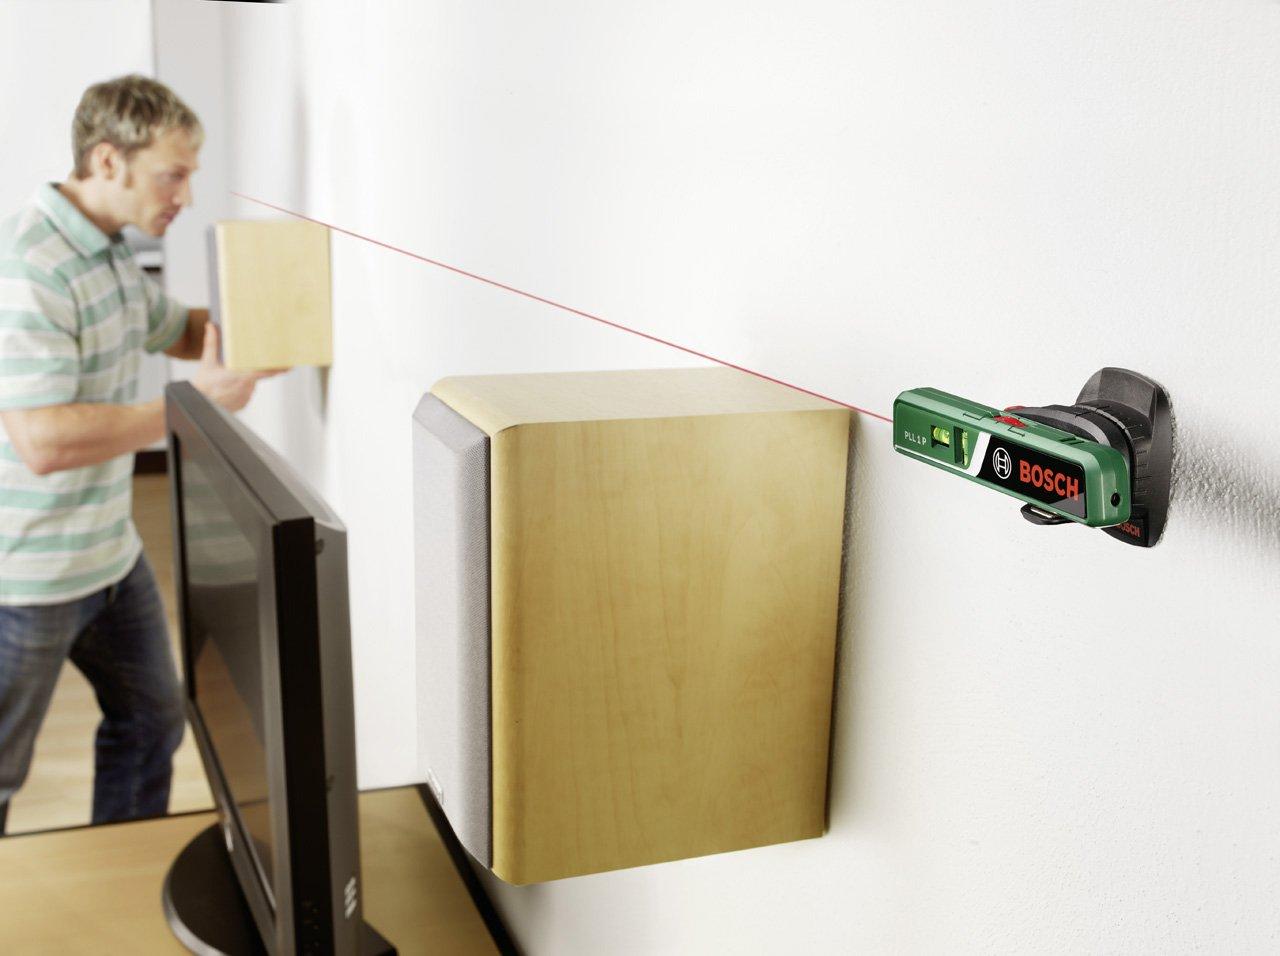 Bosch laser wasserwaage pll p arbeitsbereich linienlaser m